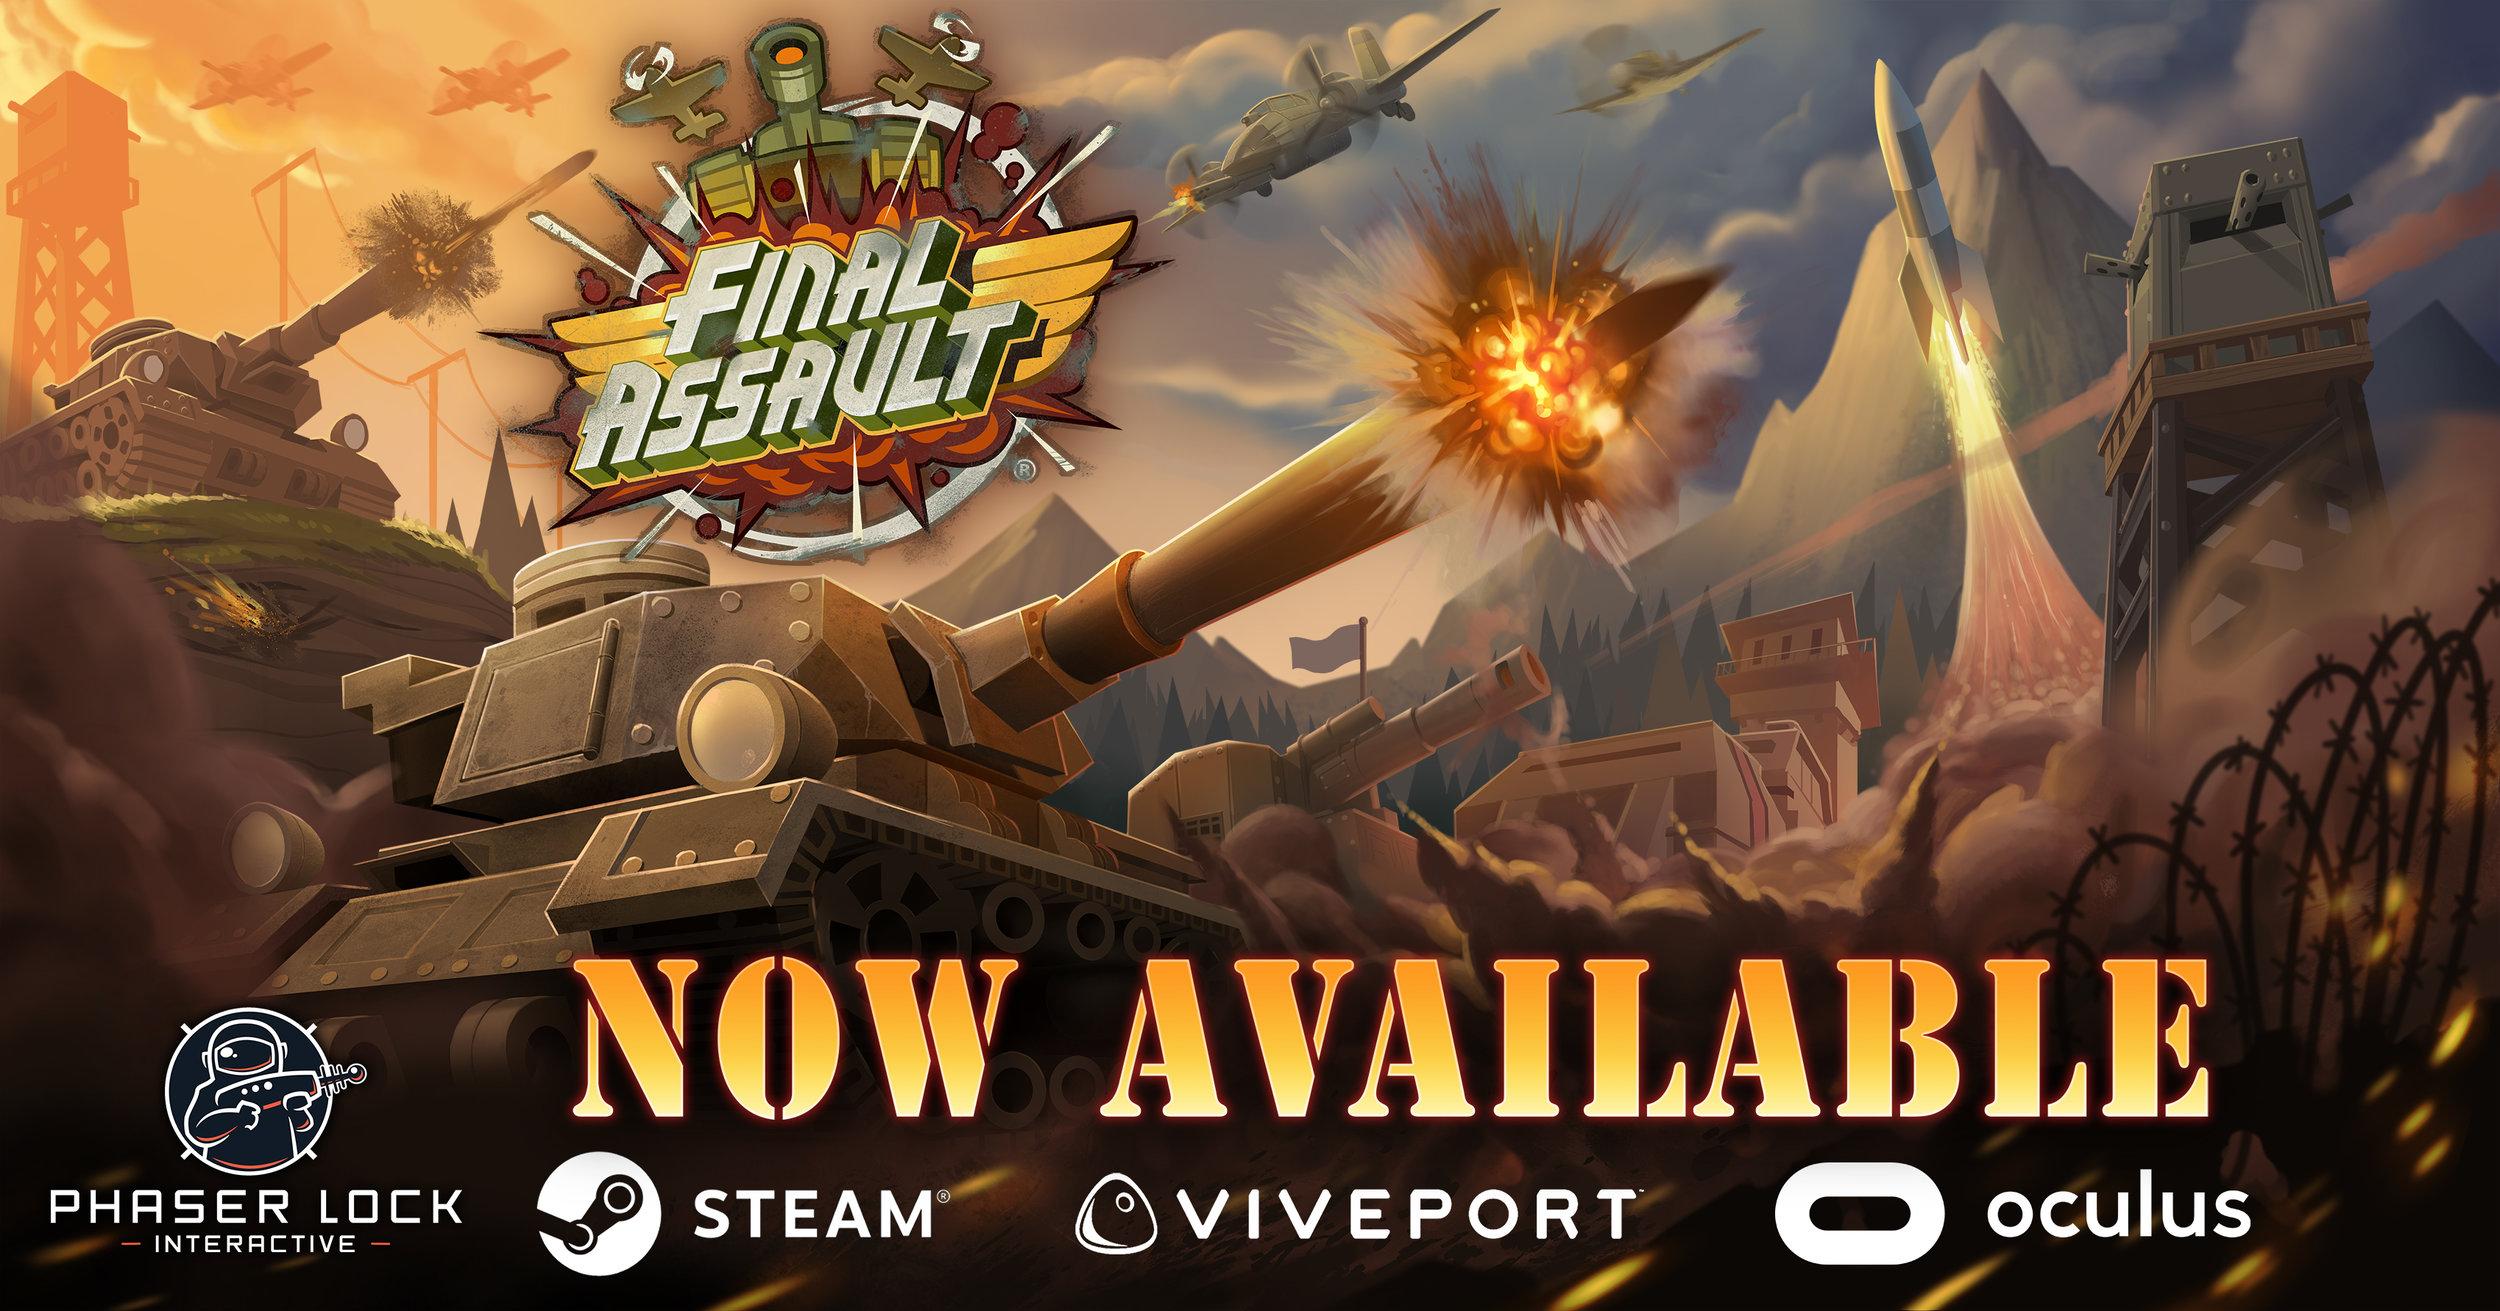 Final Assault Launch Image_150dpi.jpg